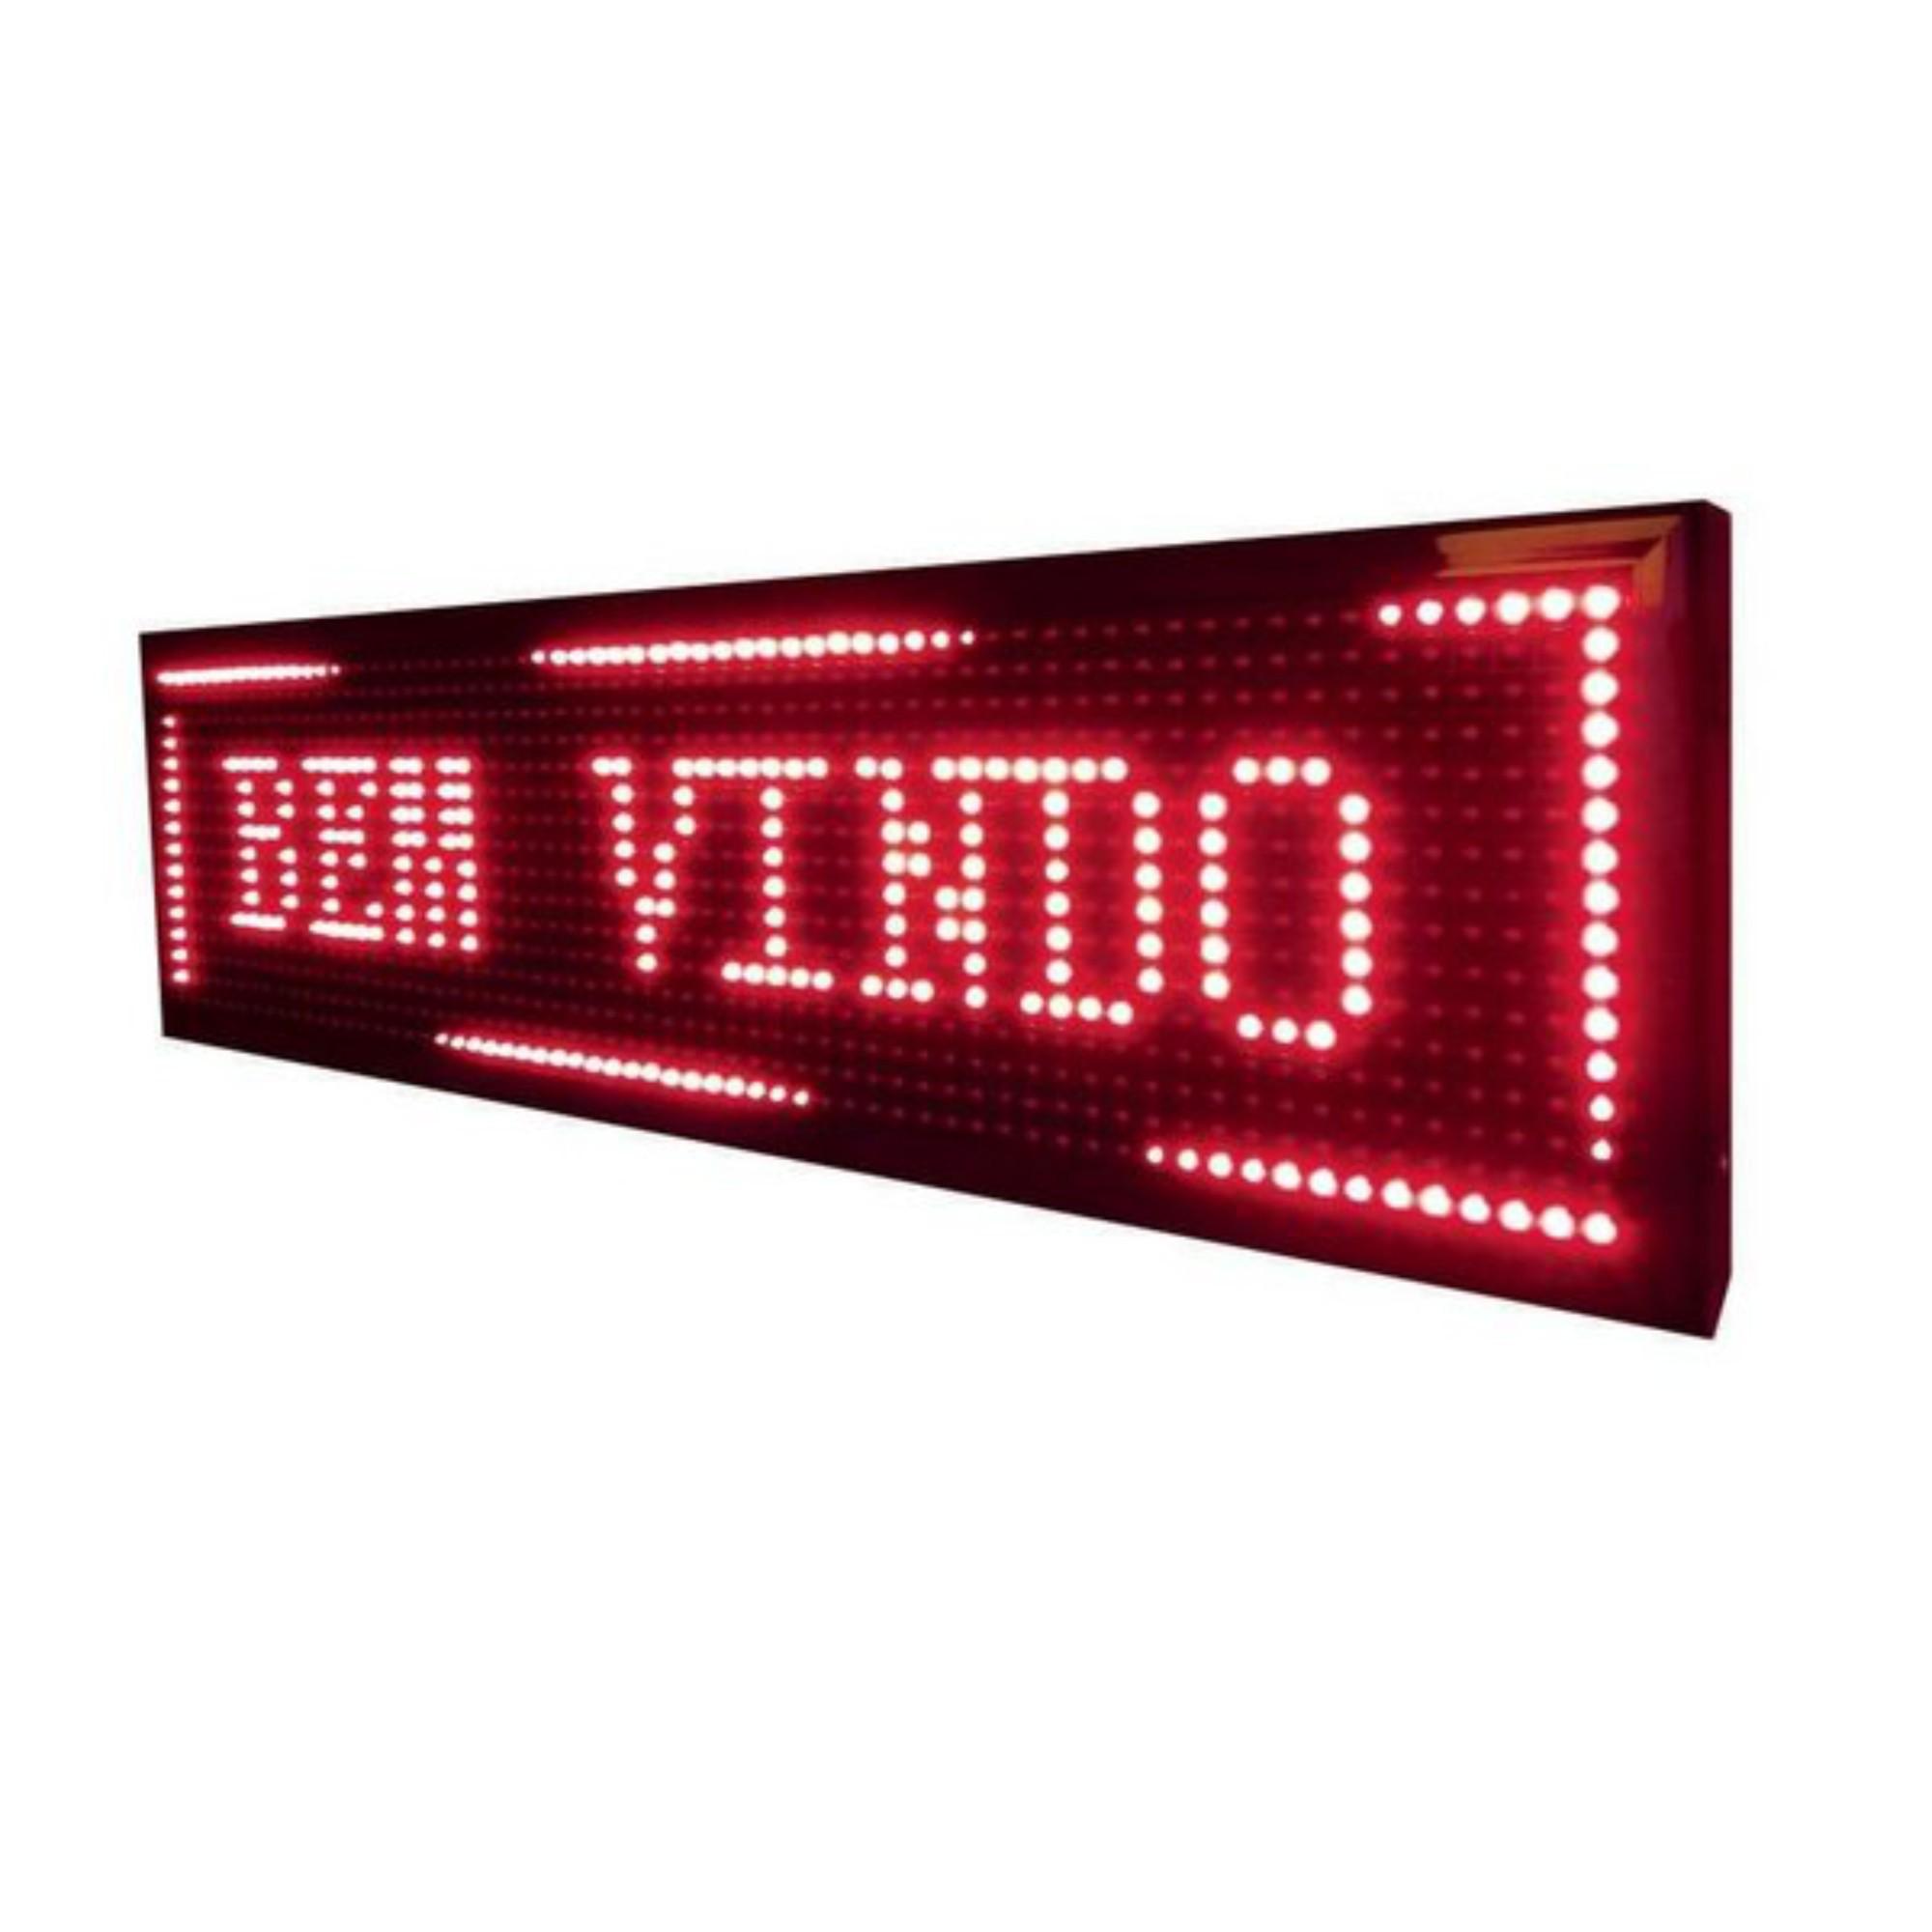 Letreiro Painel LED C/ Wifi 20cm x 1m Vermelho